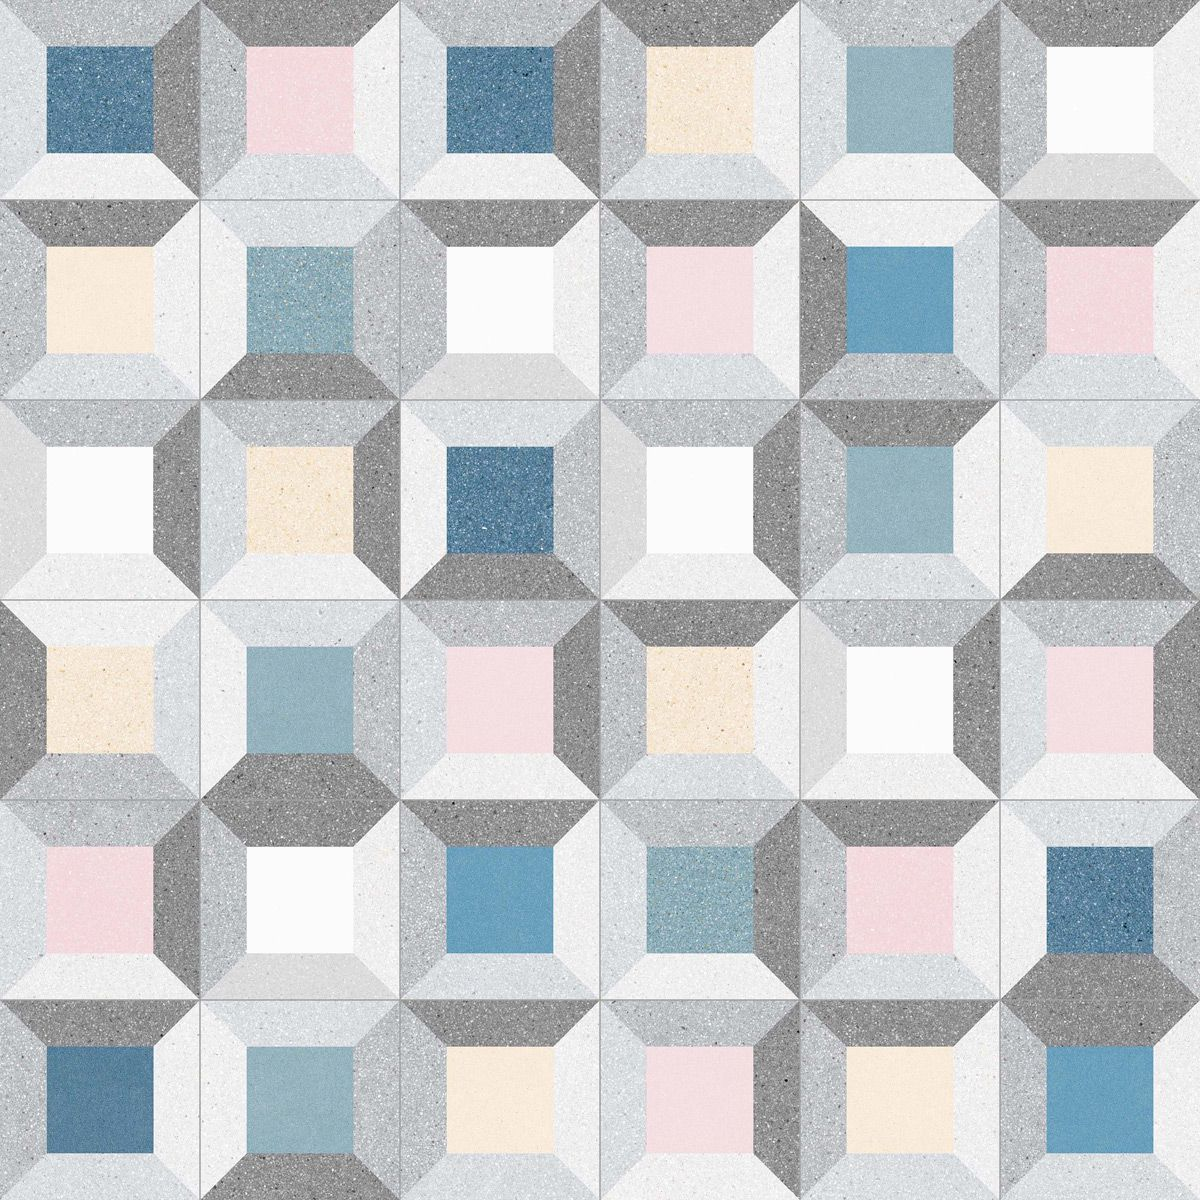 Vives pavimento gres argileto multicolor 20x20 azulejo - Azulejos 20x20 colores ...